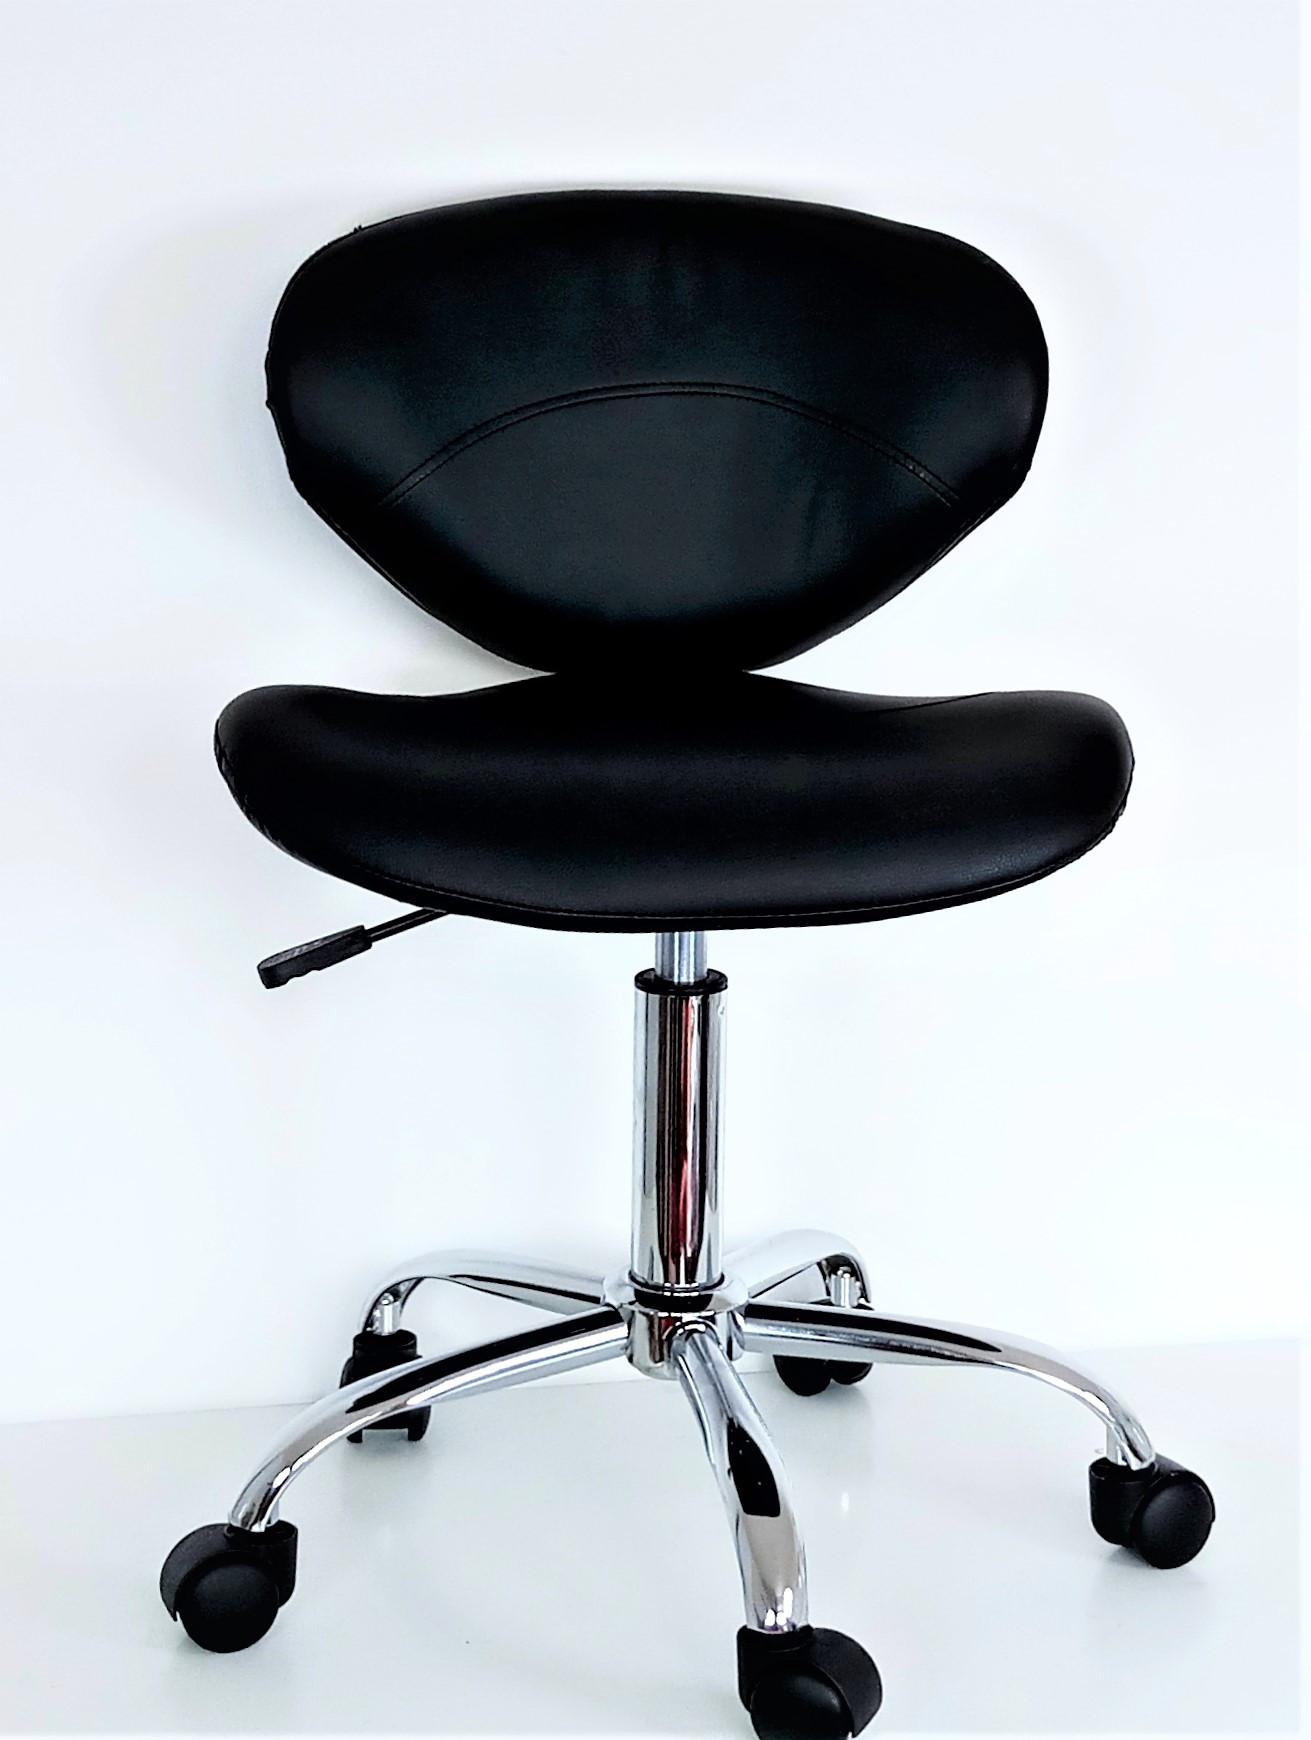 ghế thợ mầu đen